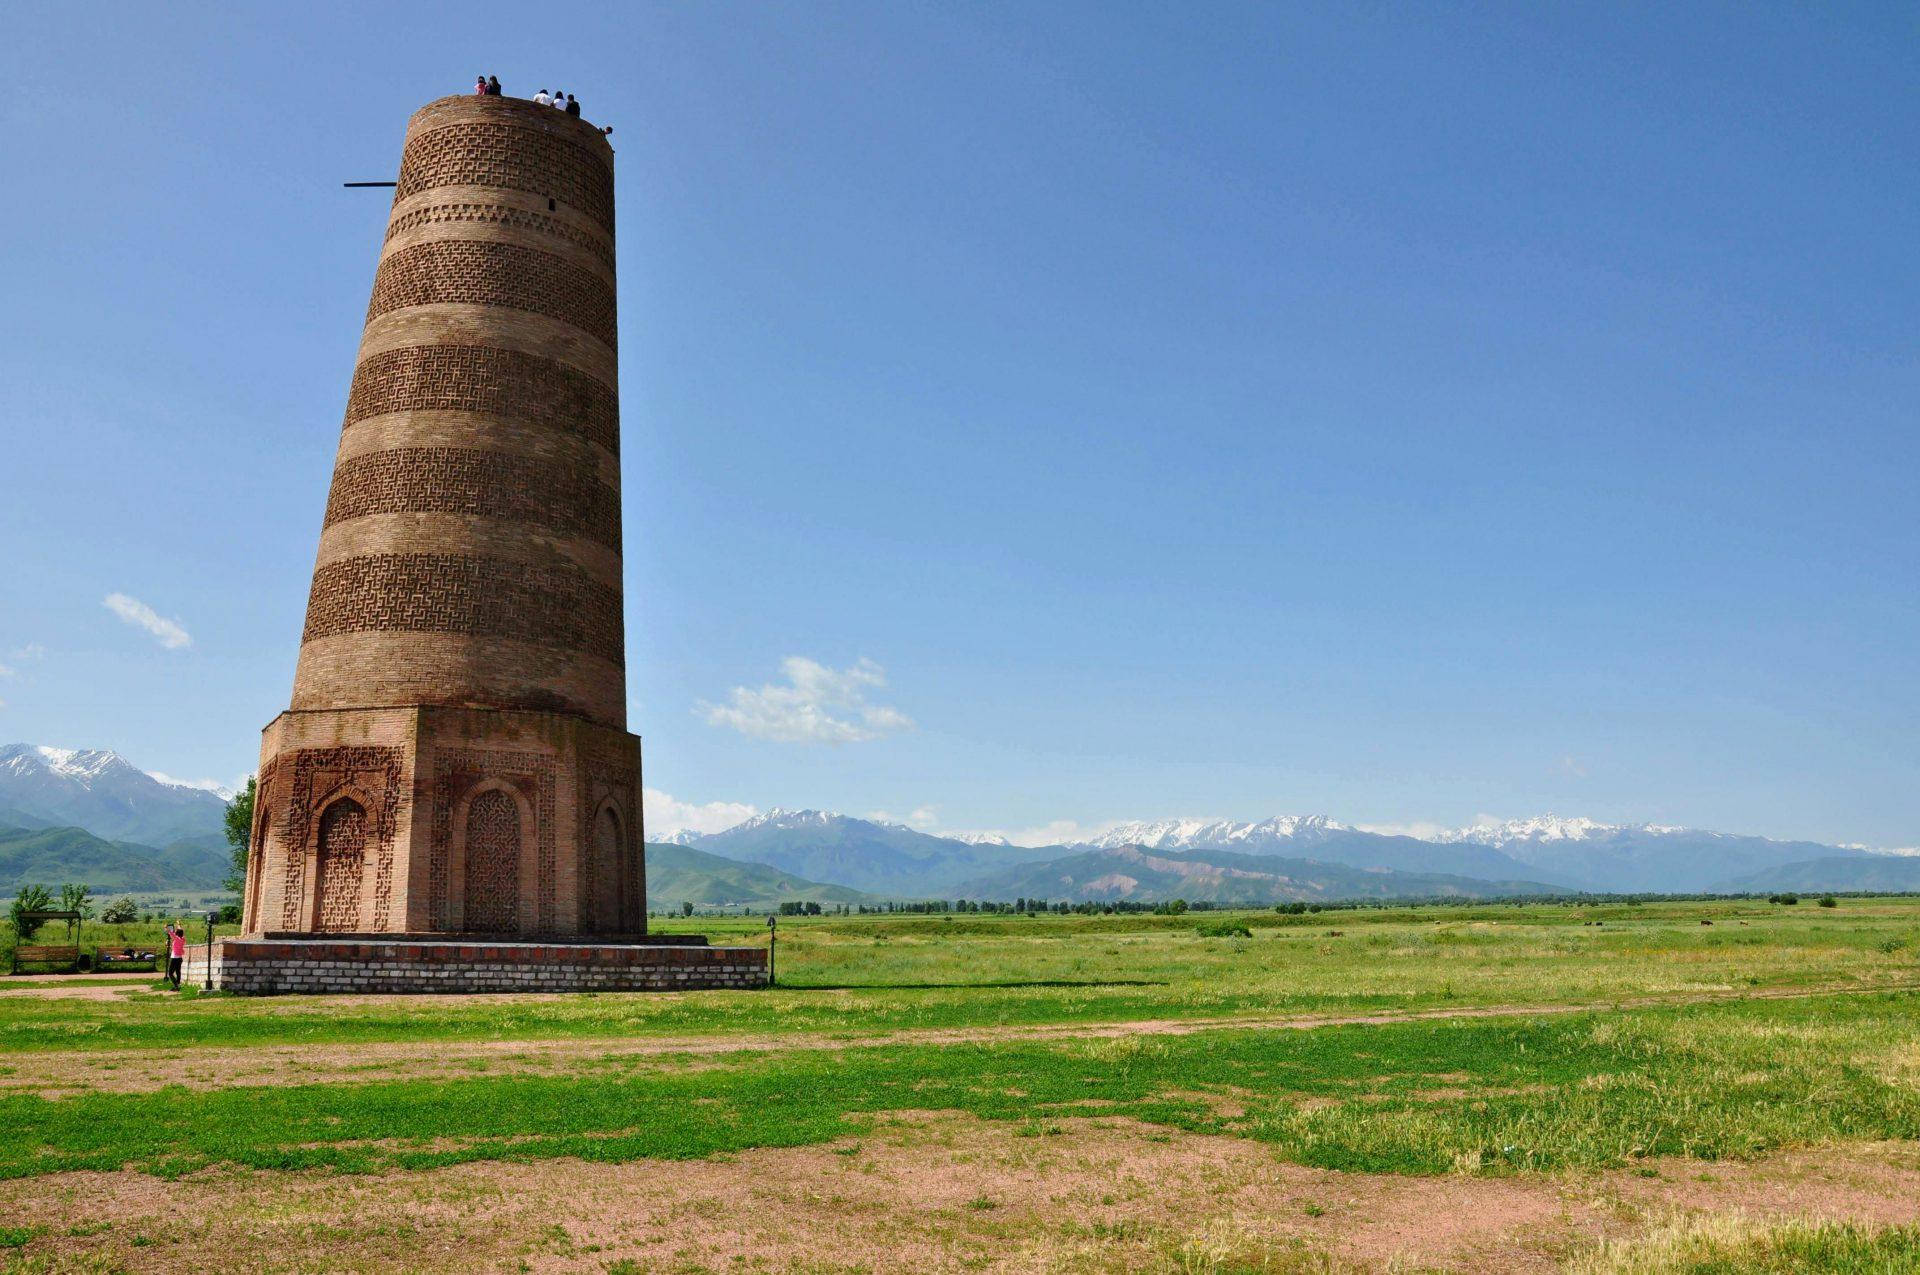 Rondreis Kirgizië - Burana Tower - Minaret